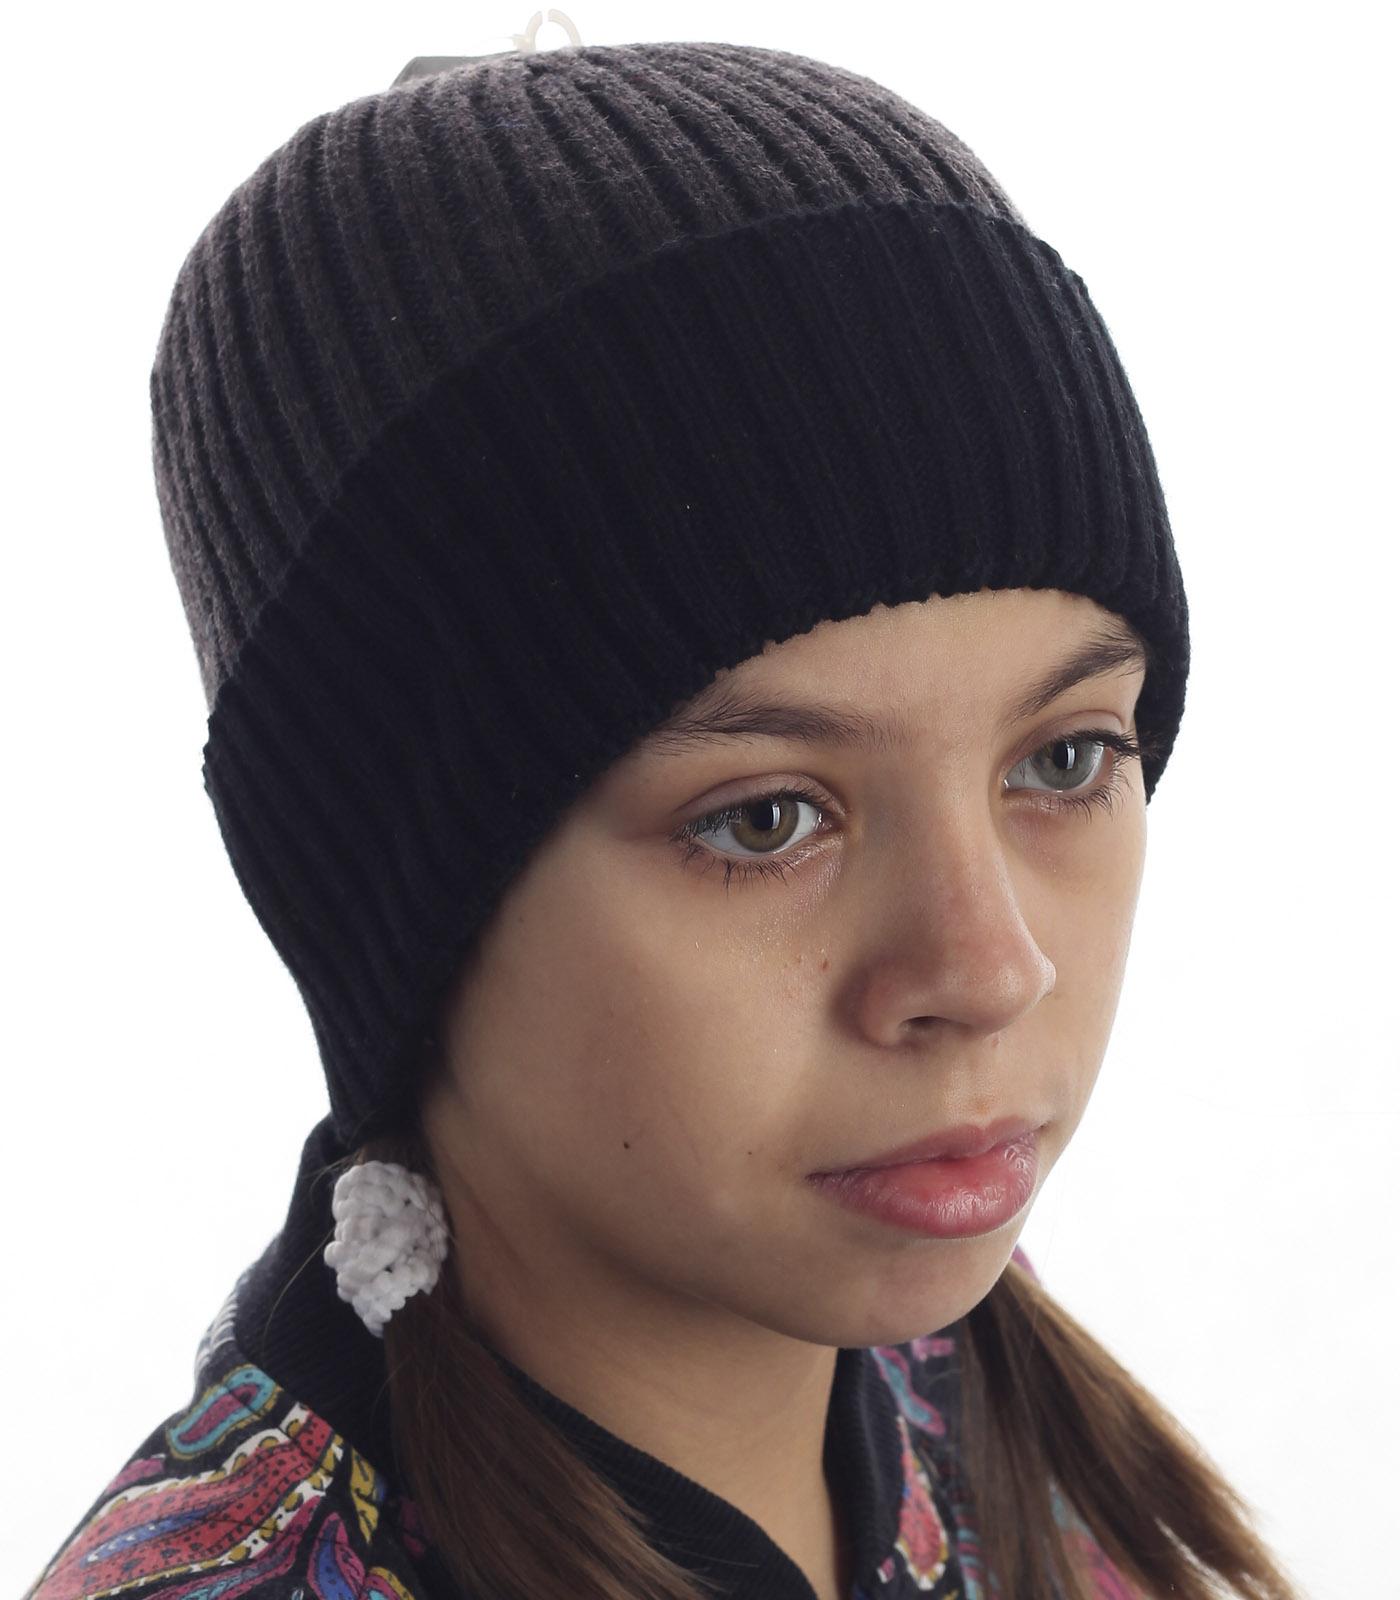 Классическая шапка для детей на каждый день. Модель, которая гарантировано убережет от непогоды. Родители, заказывайте!